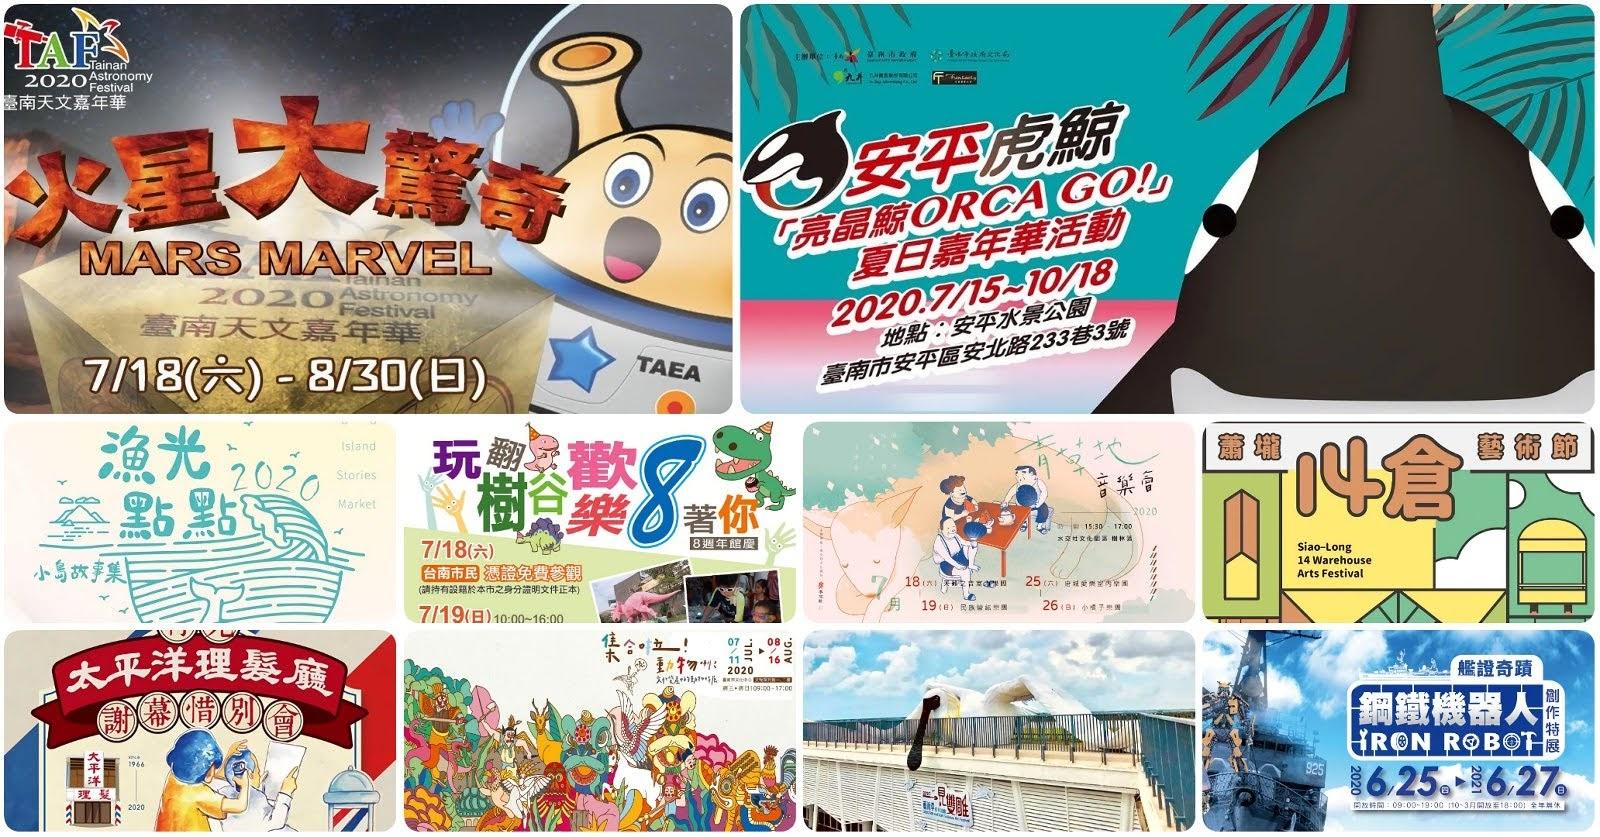 [活動] 2020/7/17-/7/19|台南週末活動整理|本週末活動數:78